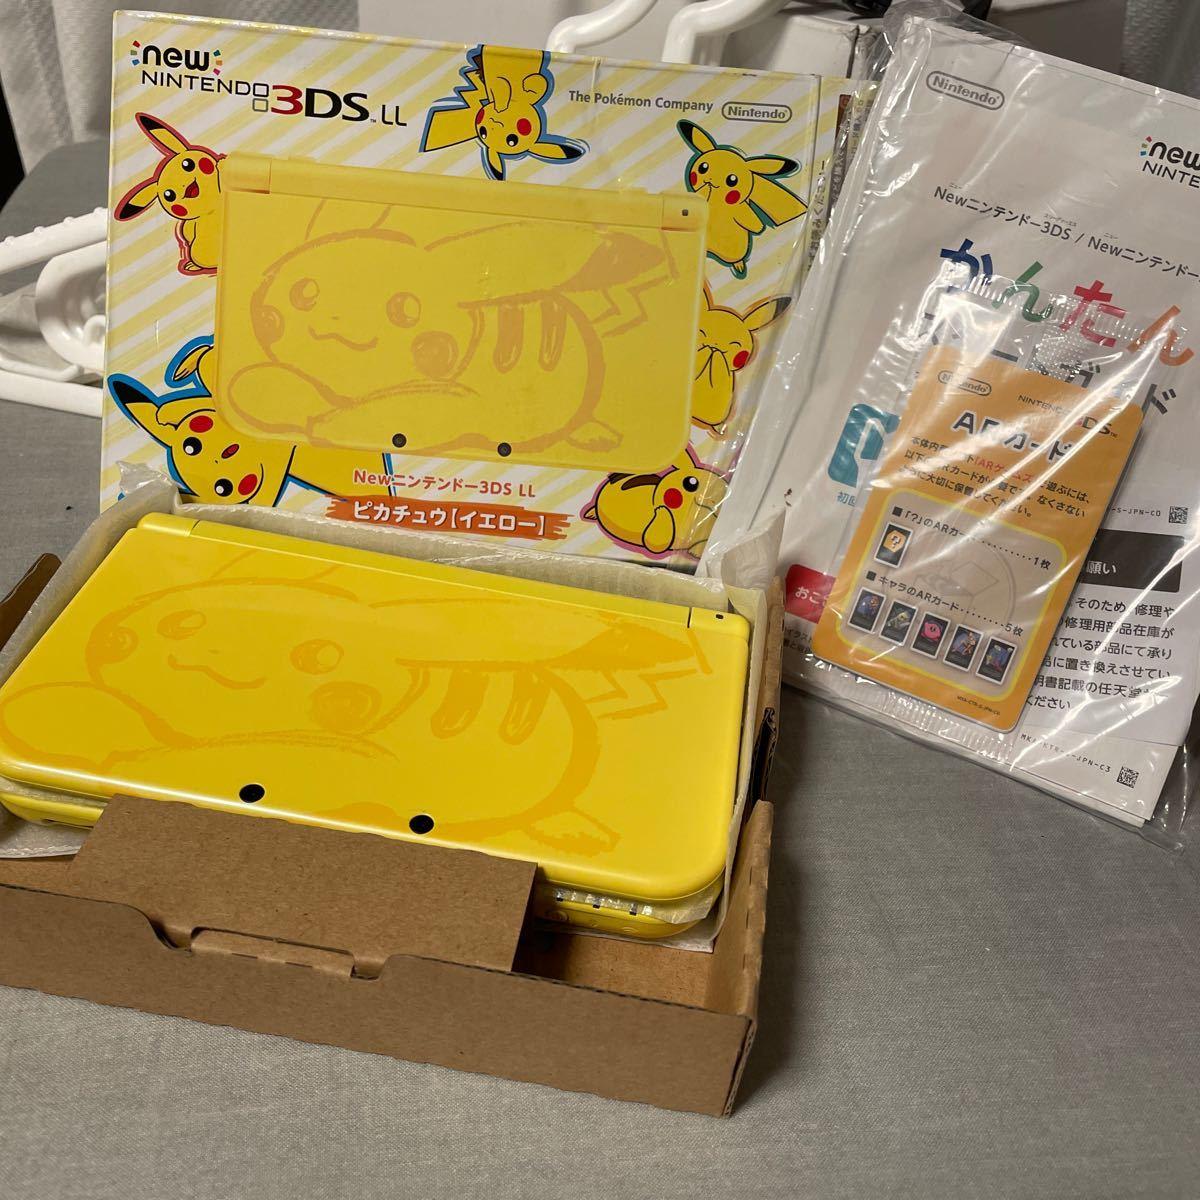 Newニンテンドー3DS LL ポケットモンスター サン・ムーン ピカチュウ【イエロー】 RED-S-YCAA